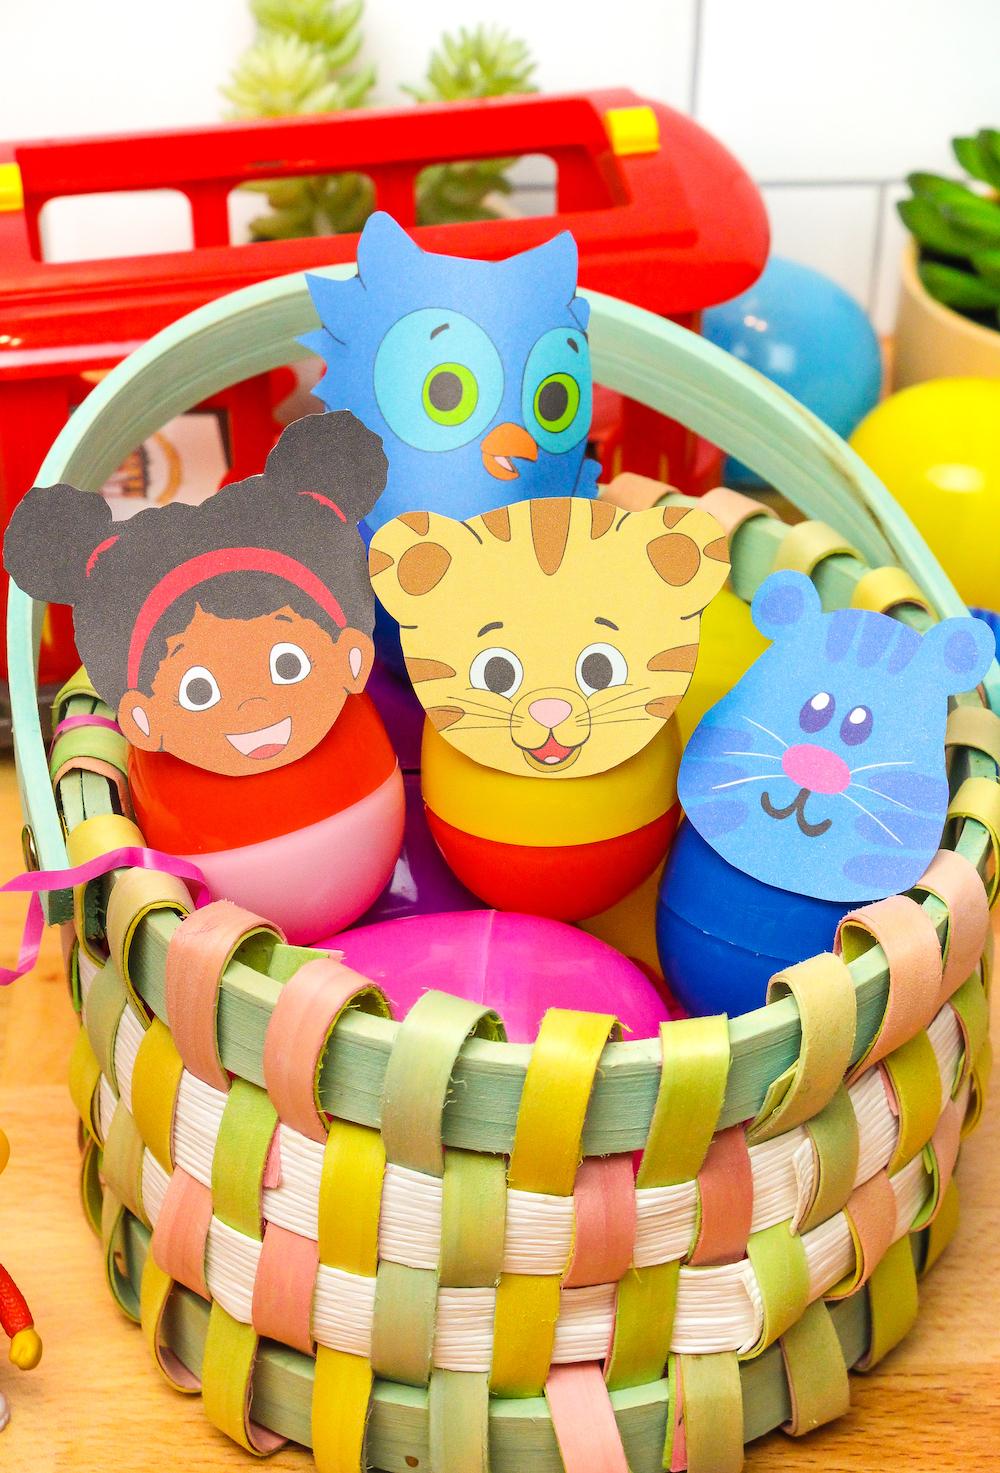 Daniel Tiger Easter Eggs In Basket Close Up